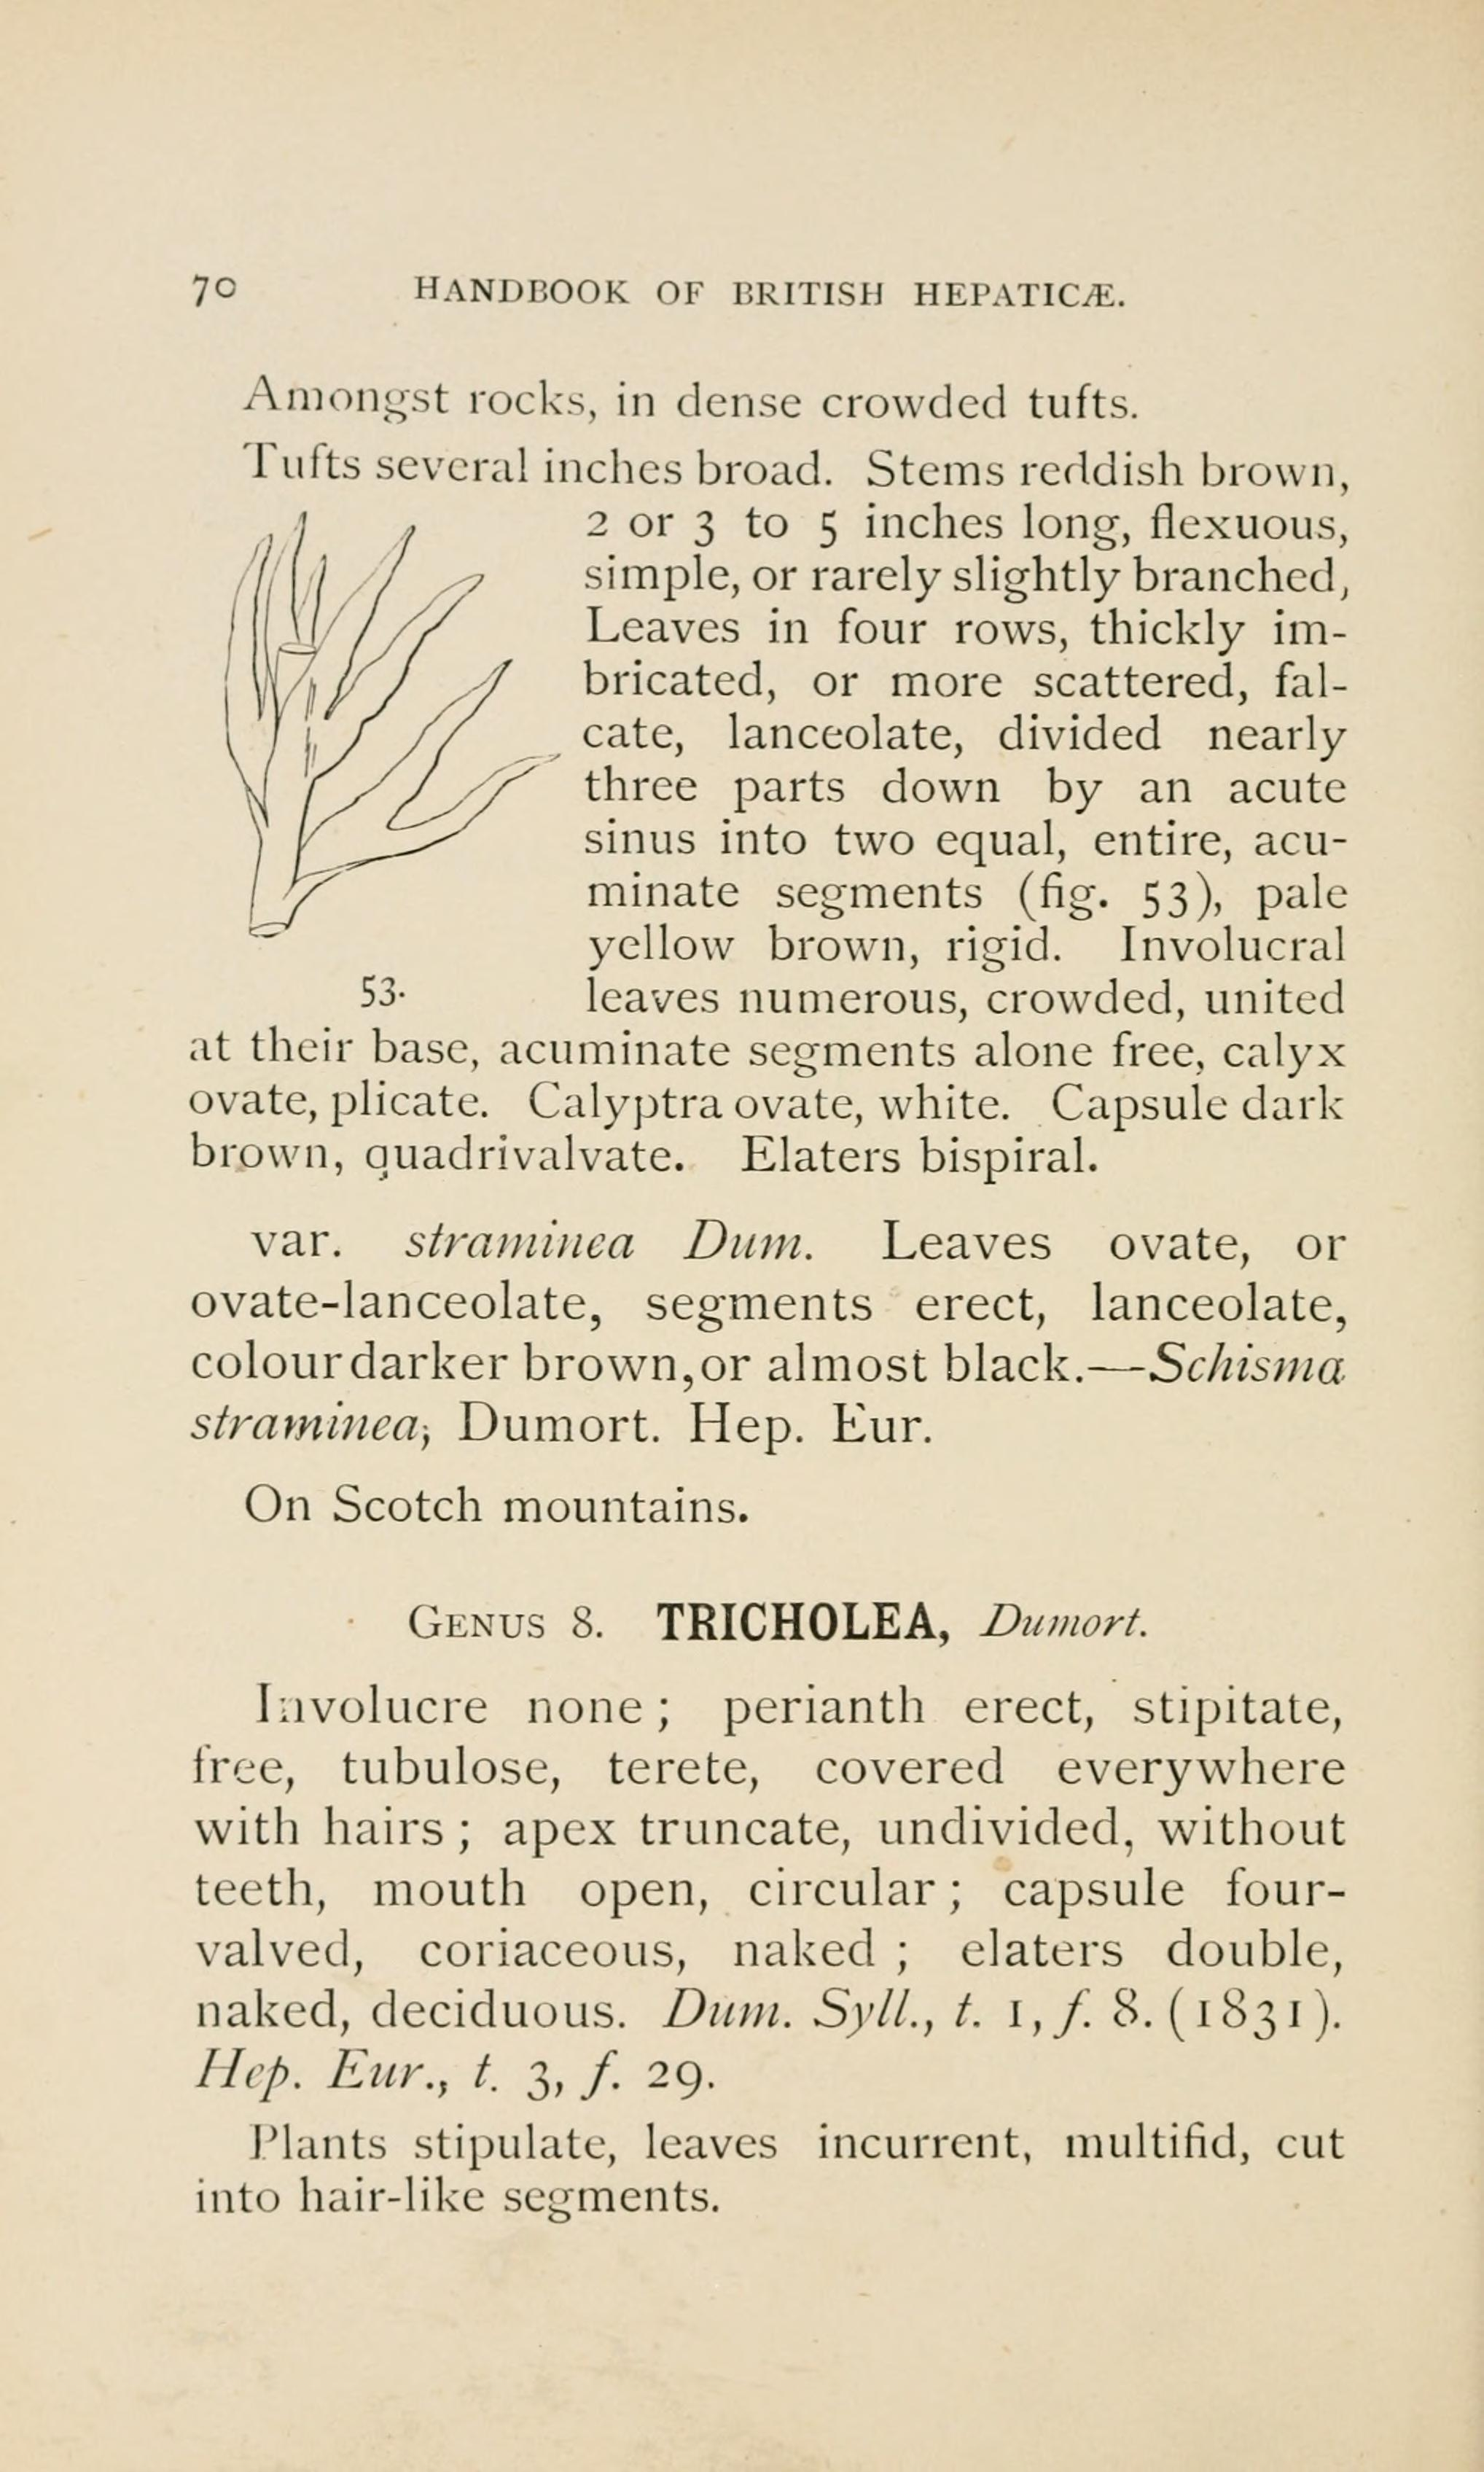 FileHandbook Of British Hepatic Containing Descriptions And Figures The Indigenous Species Marchantia